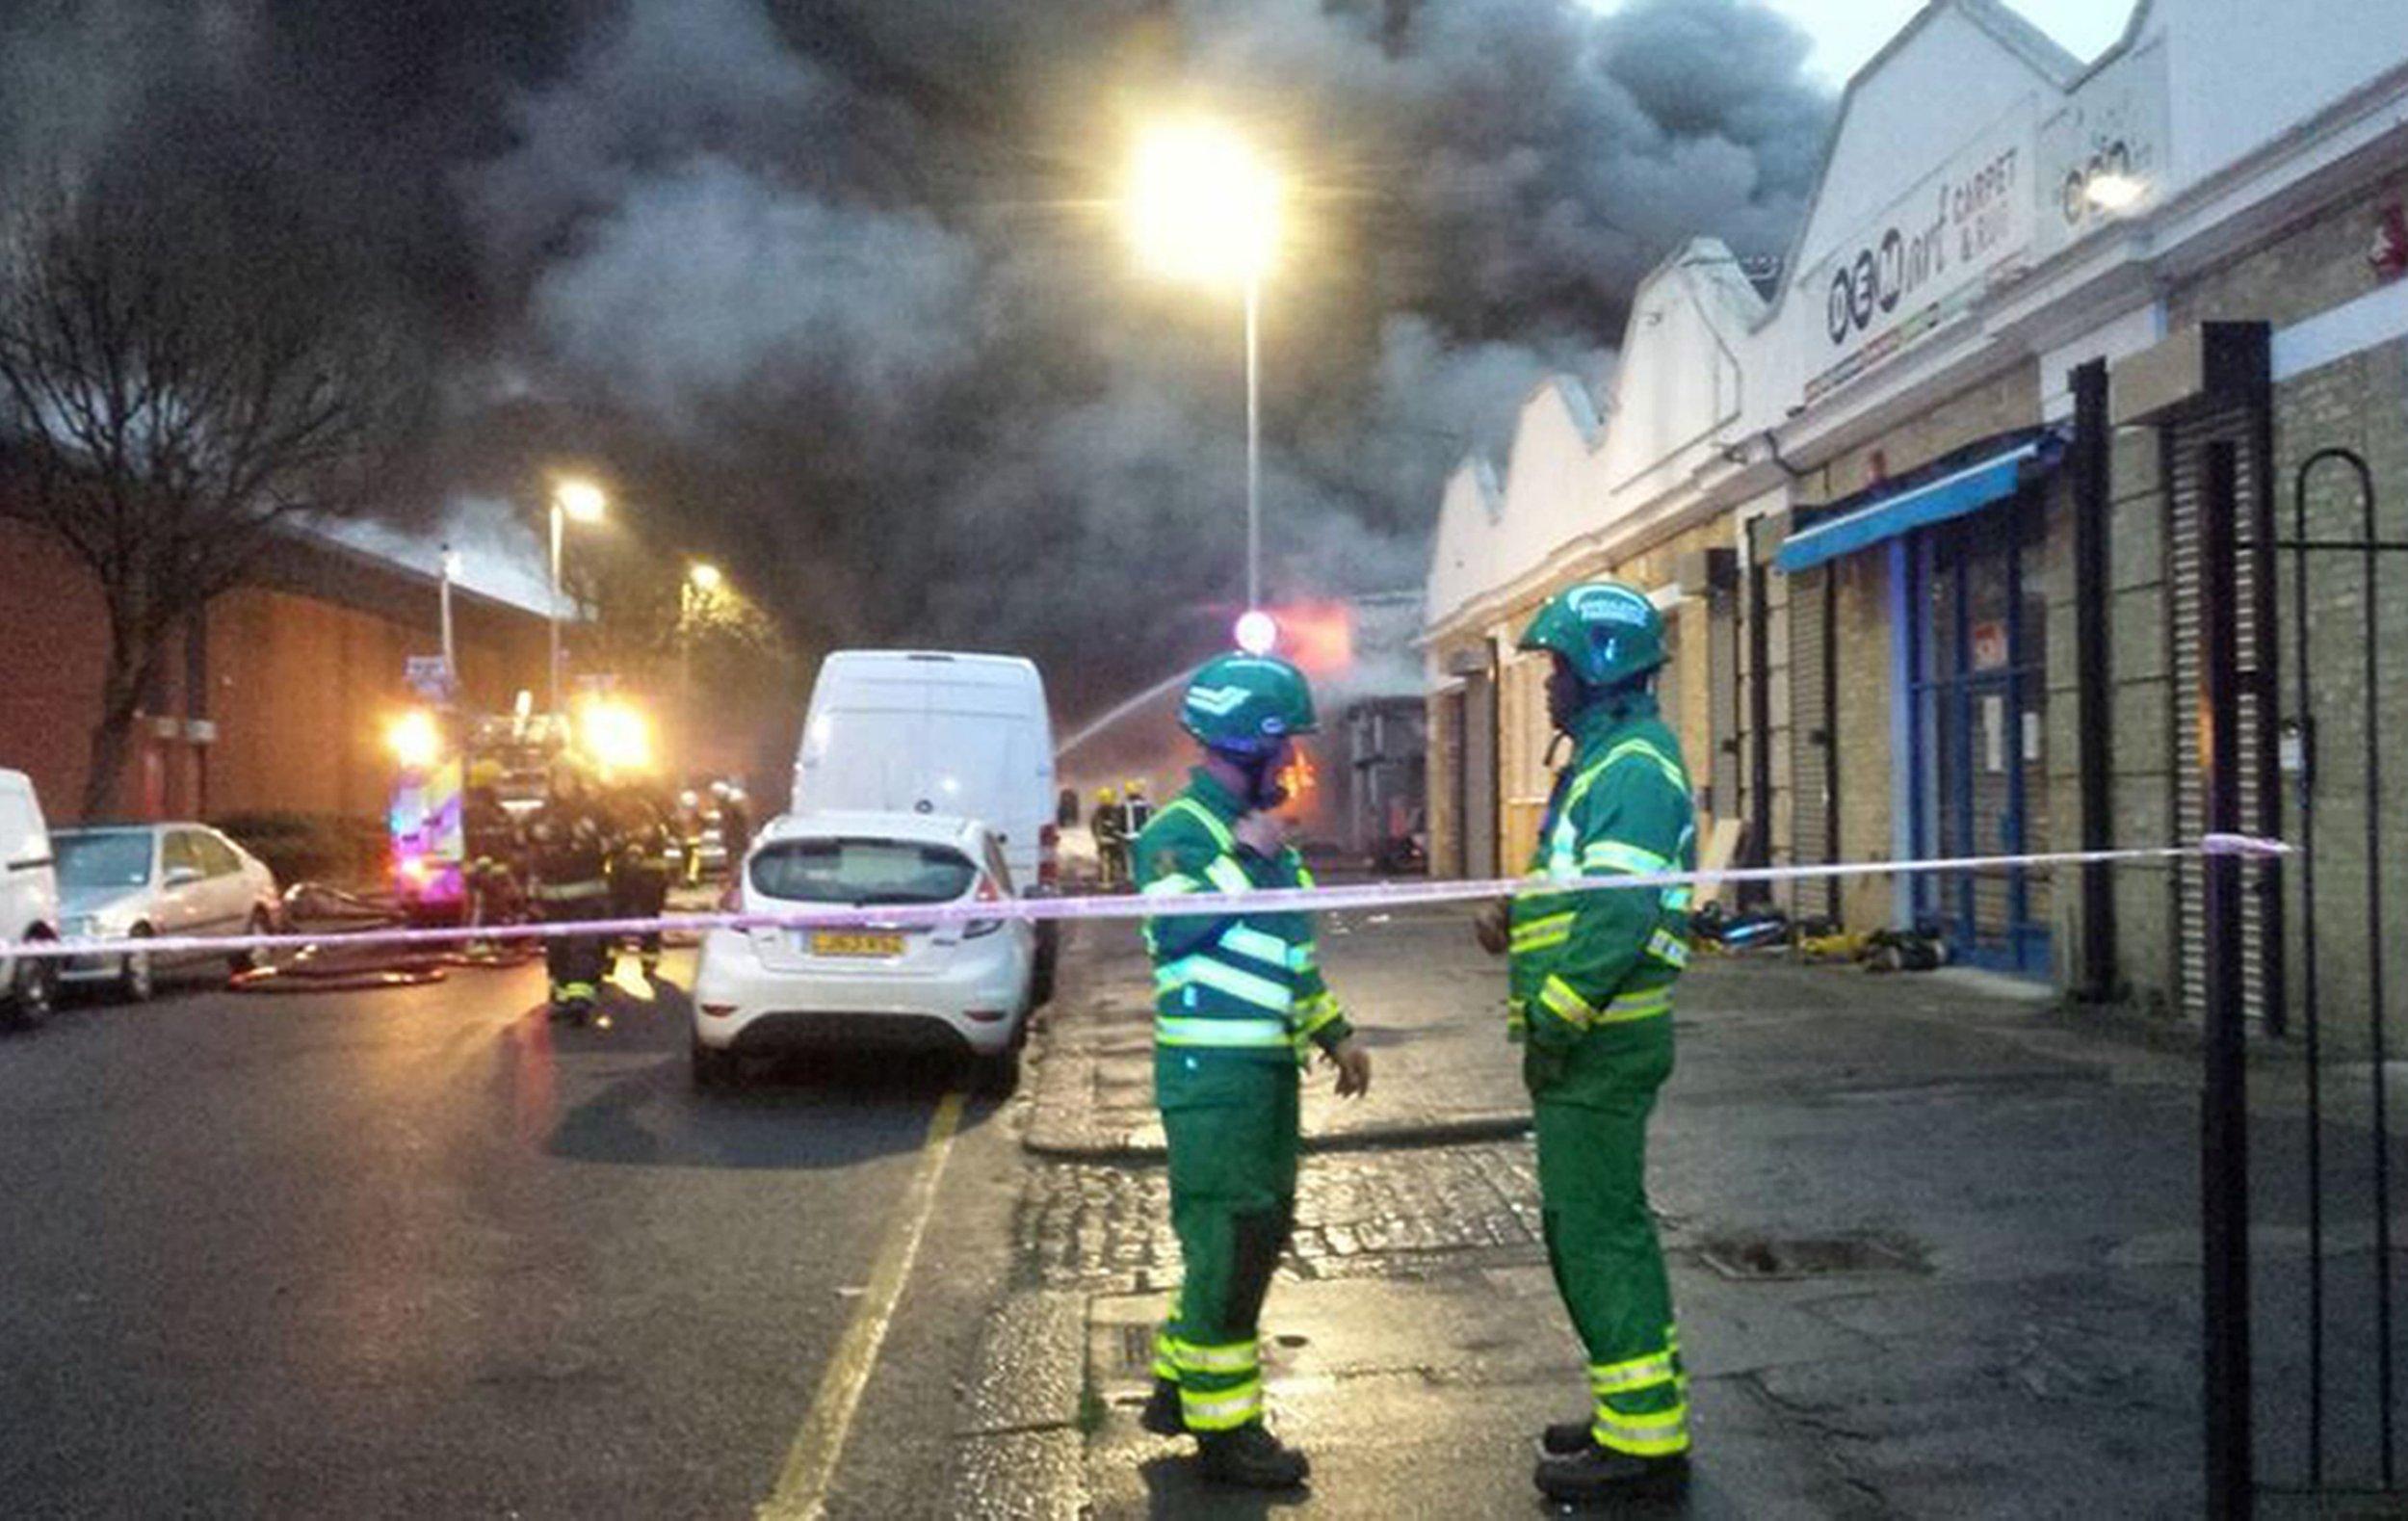 Huge fire engulfs industrial bakery in Tottenham